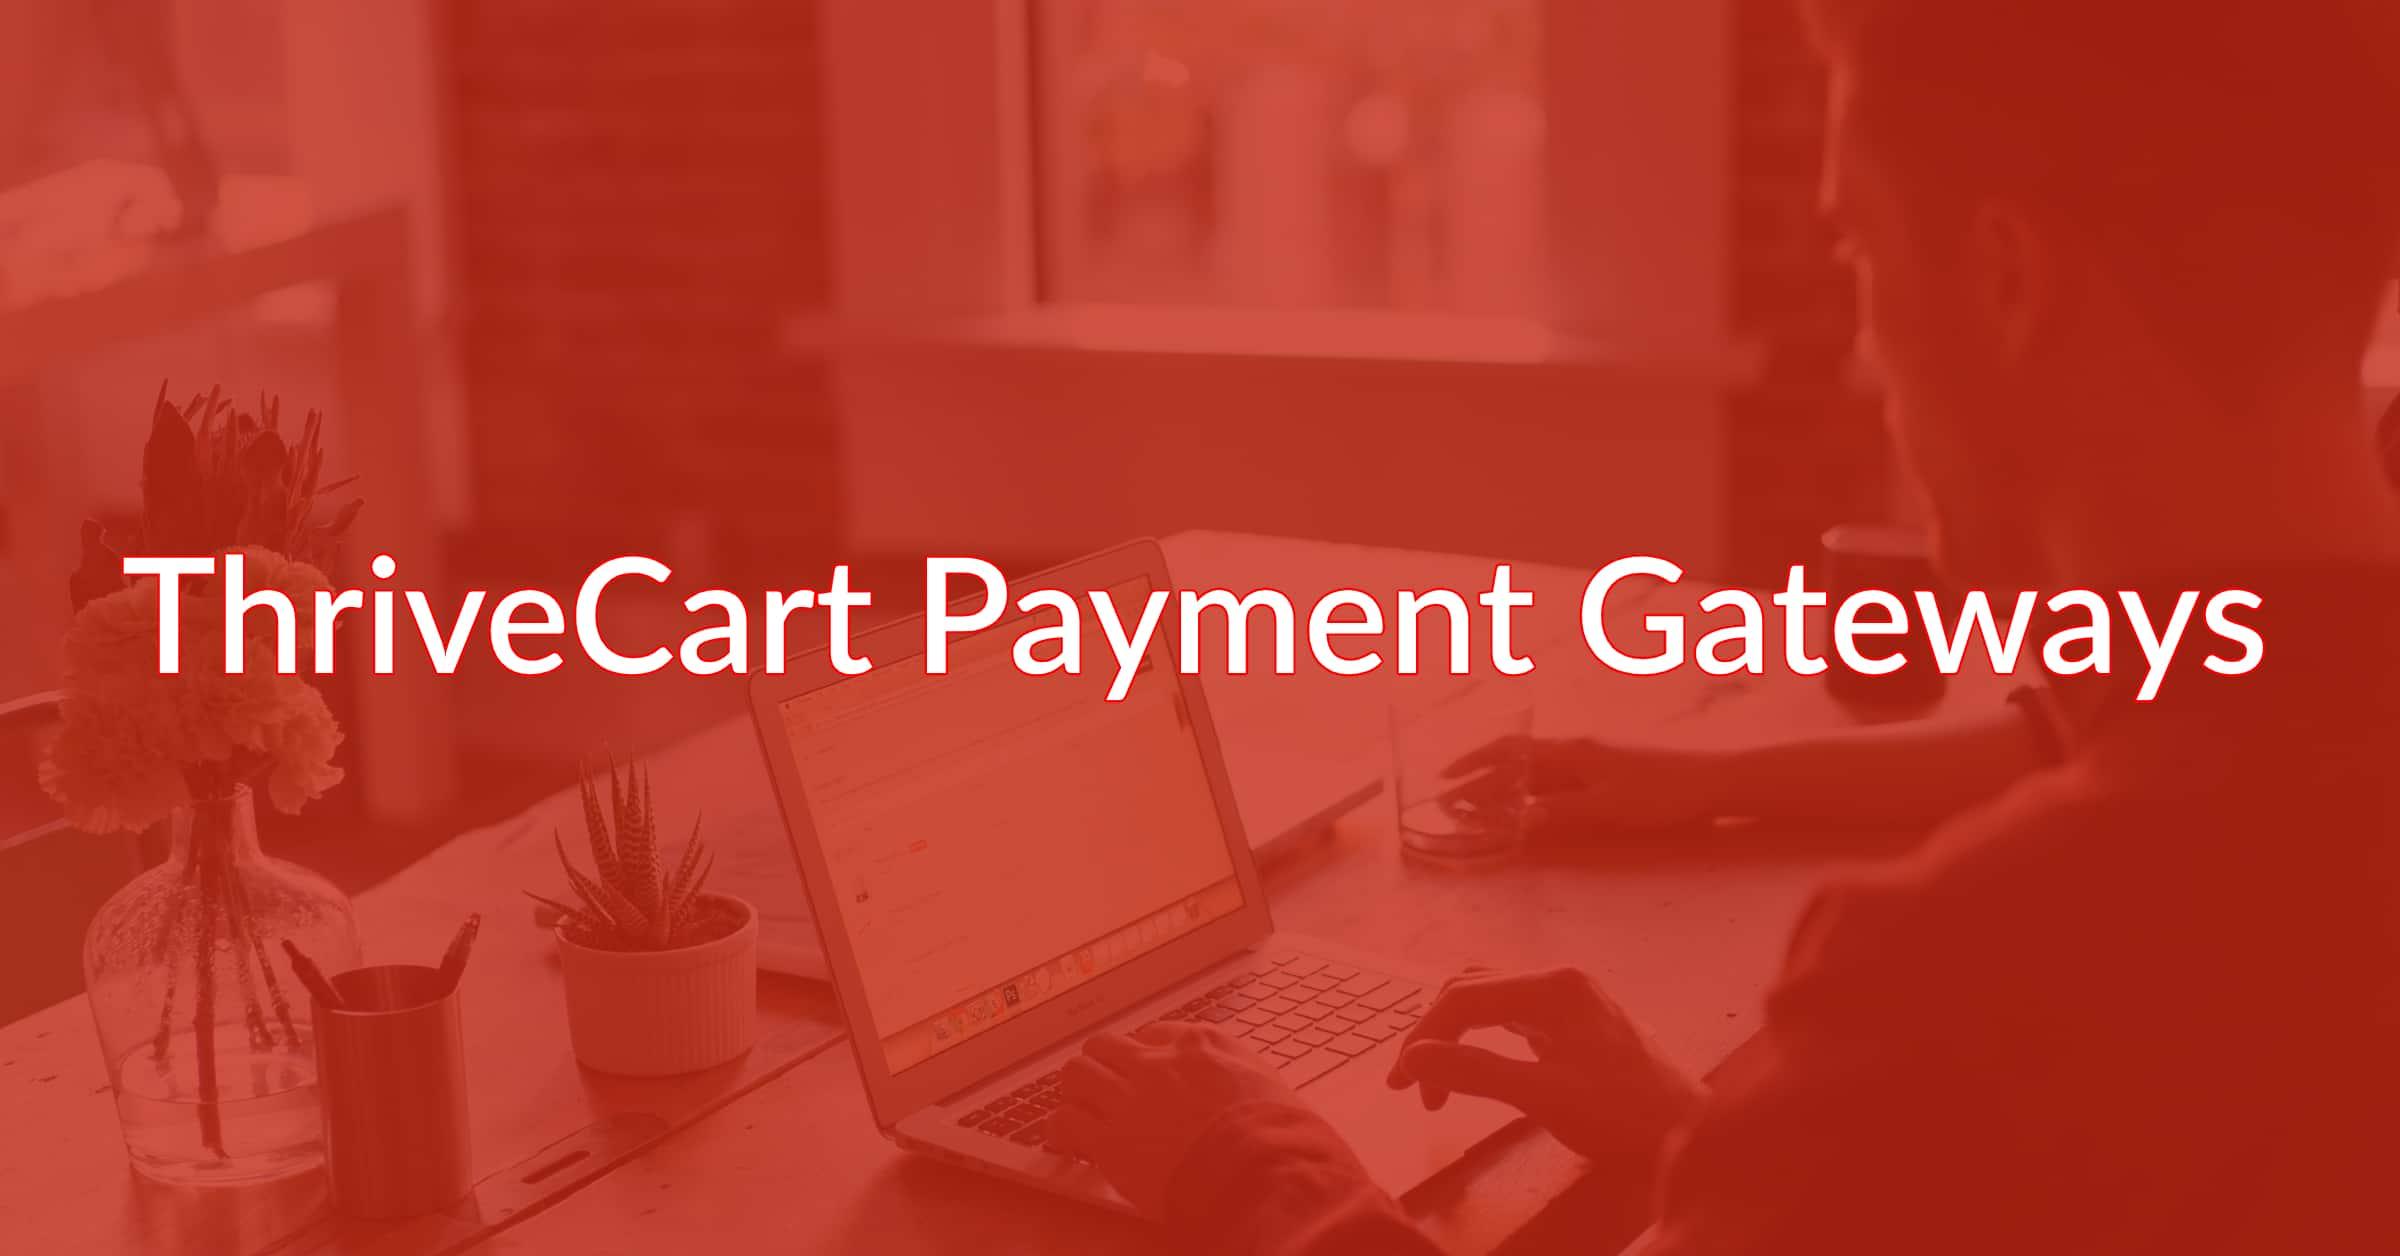 ThriveCart Payment Gateways (Quick-Start Beginners Guide!)